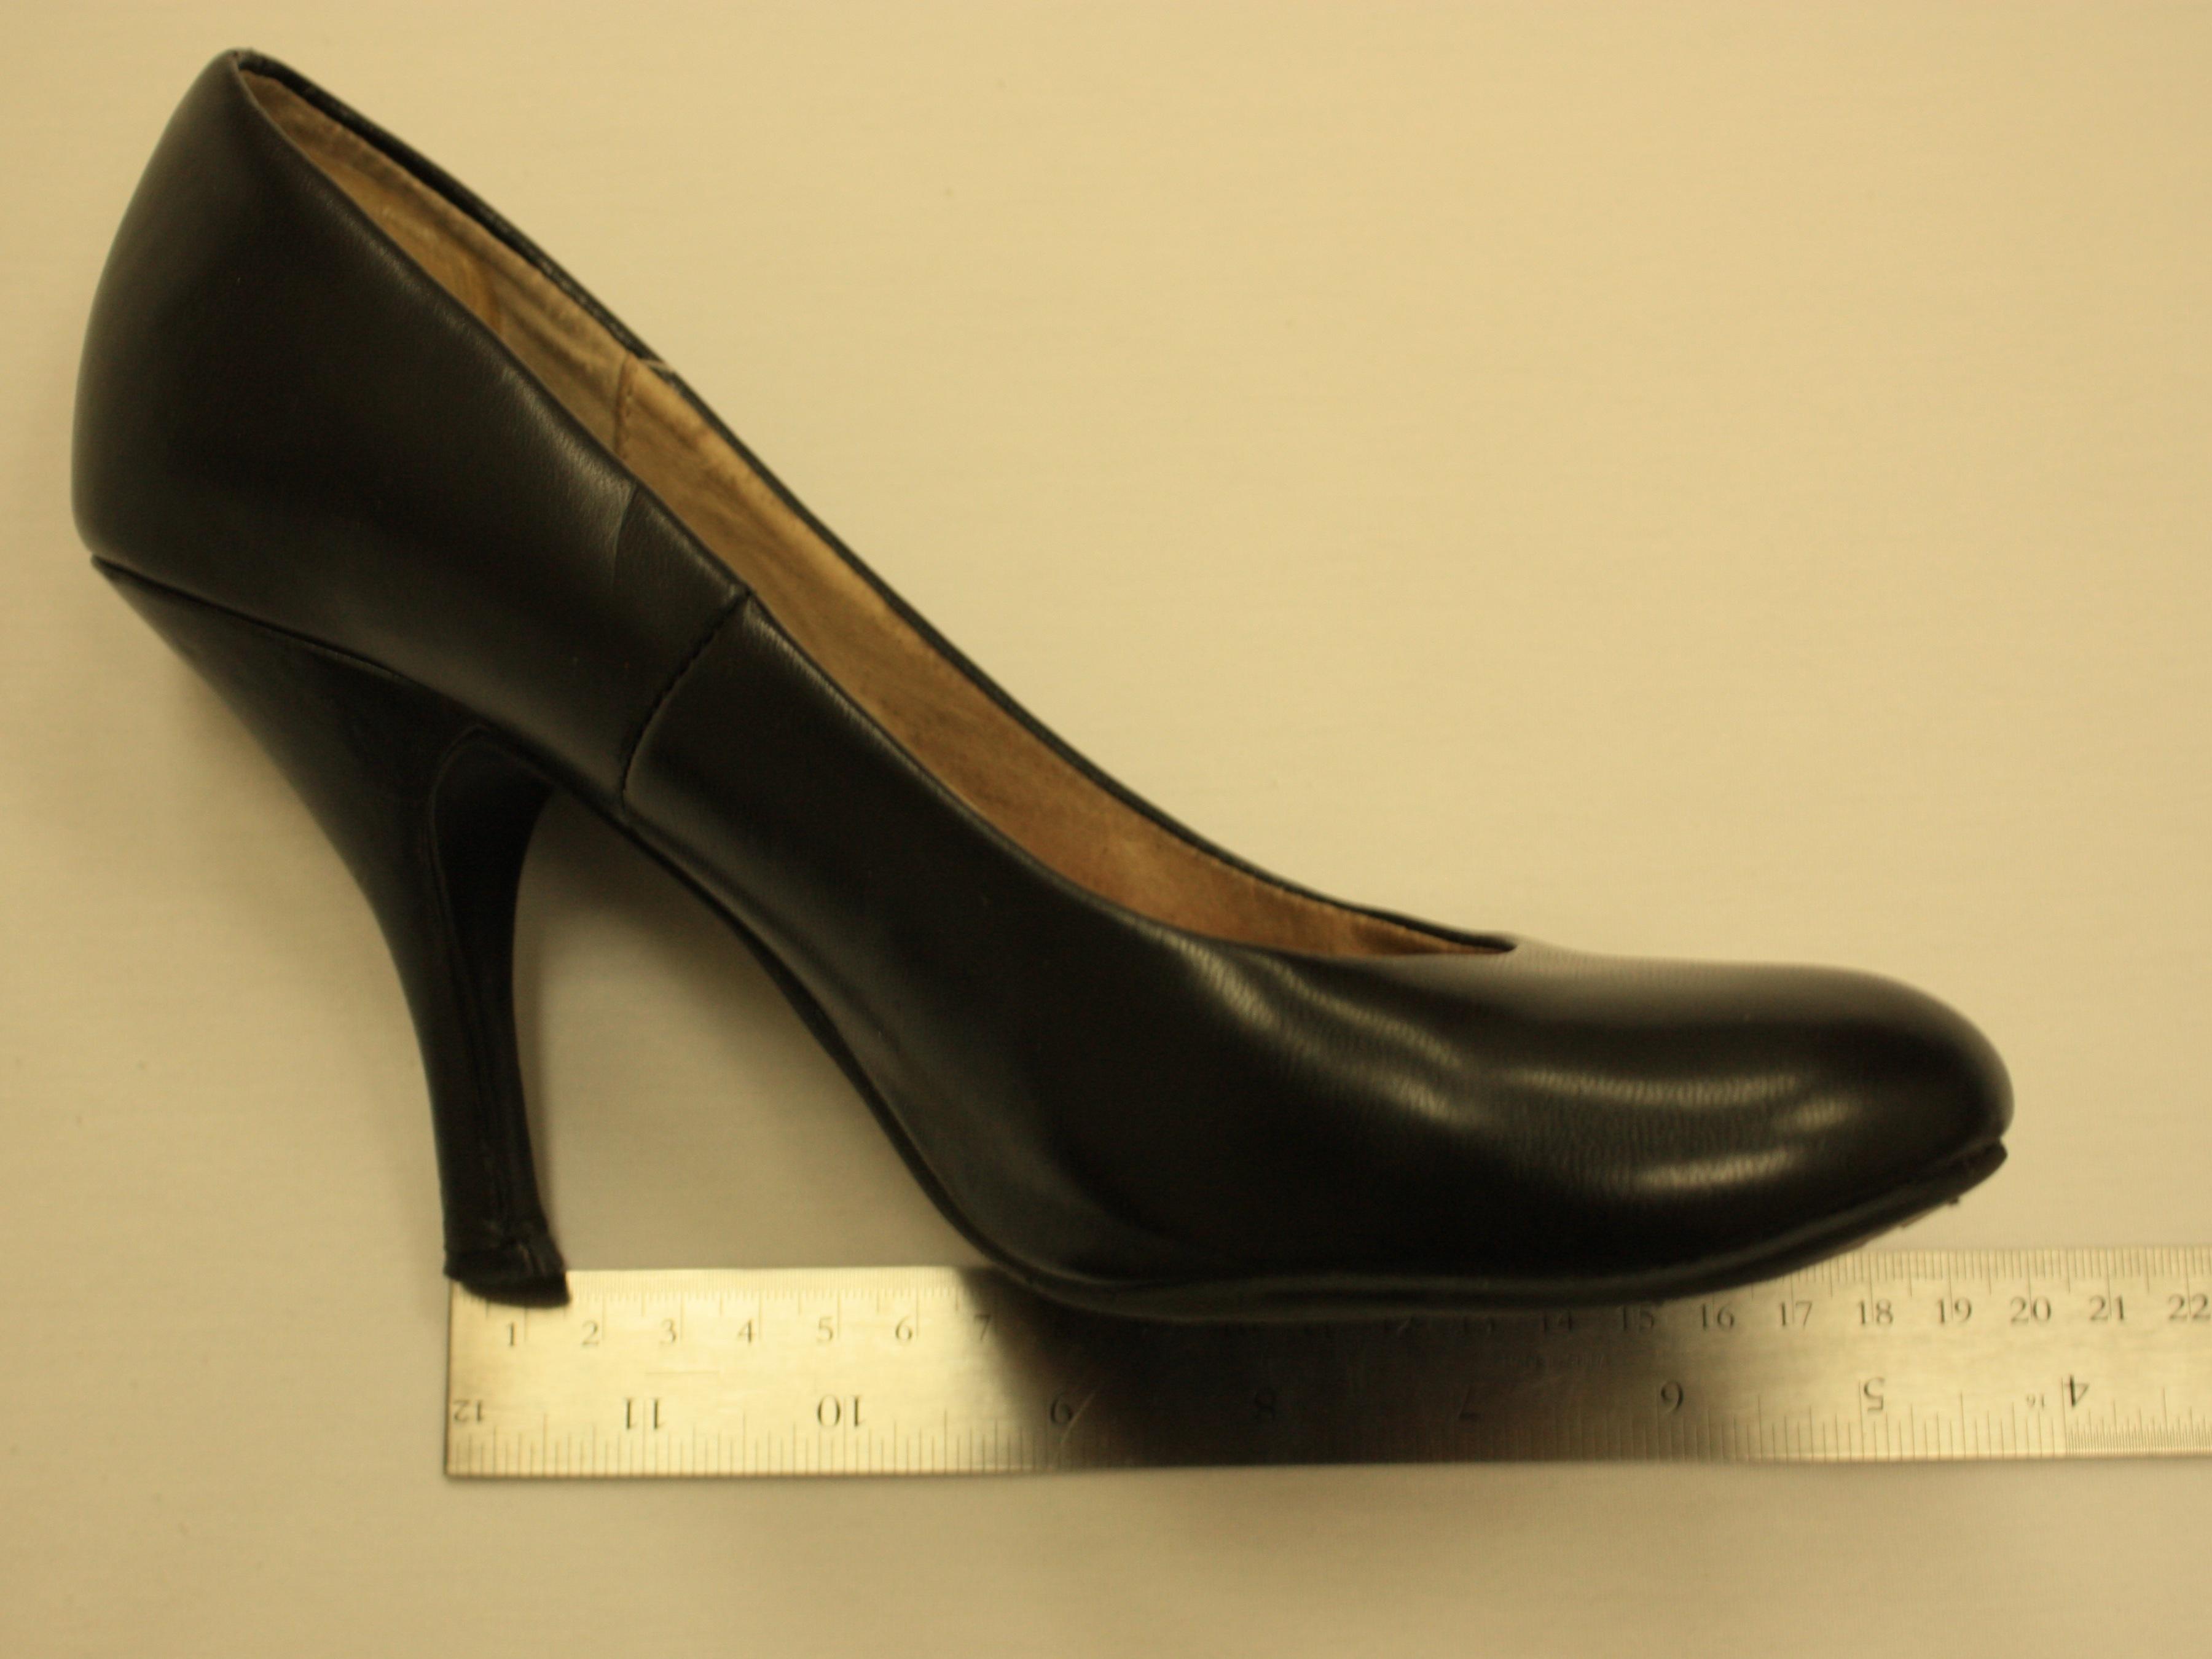 High heel spunk